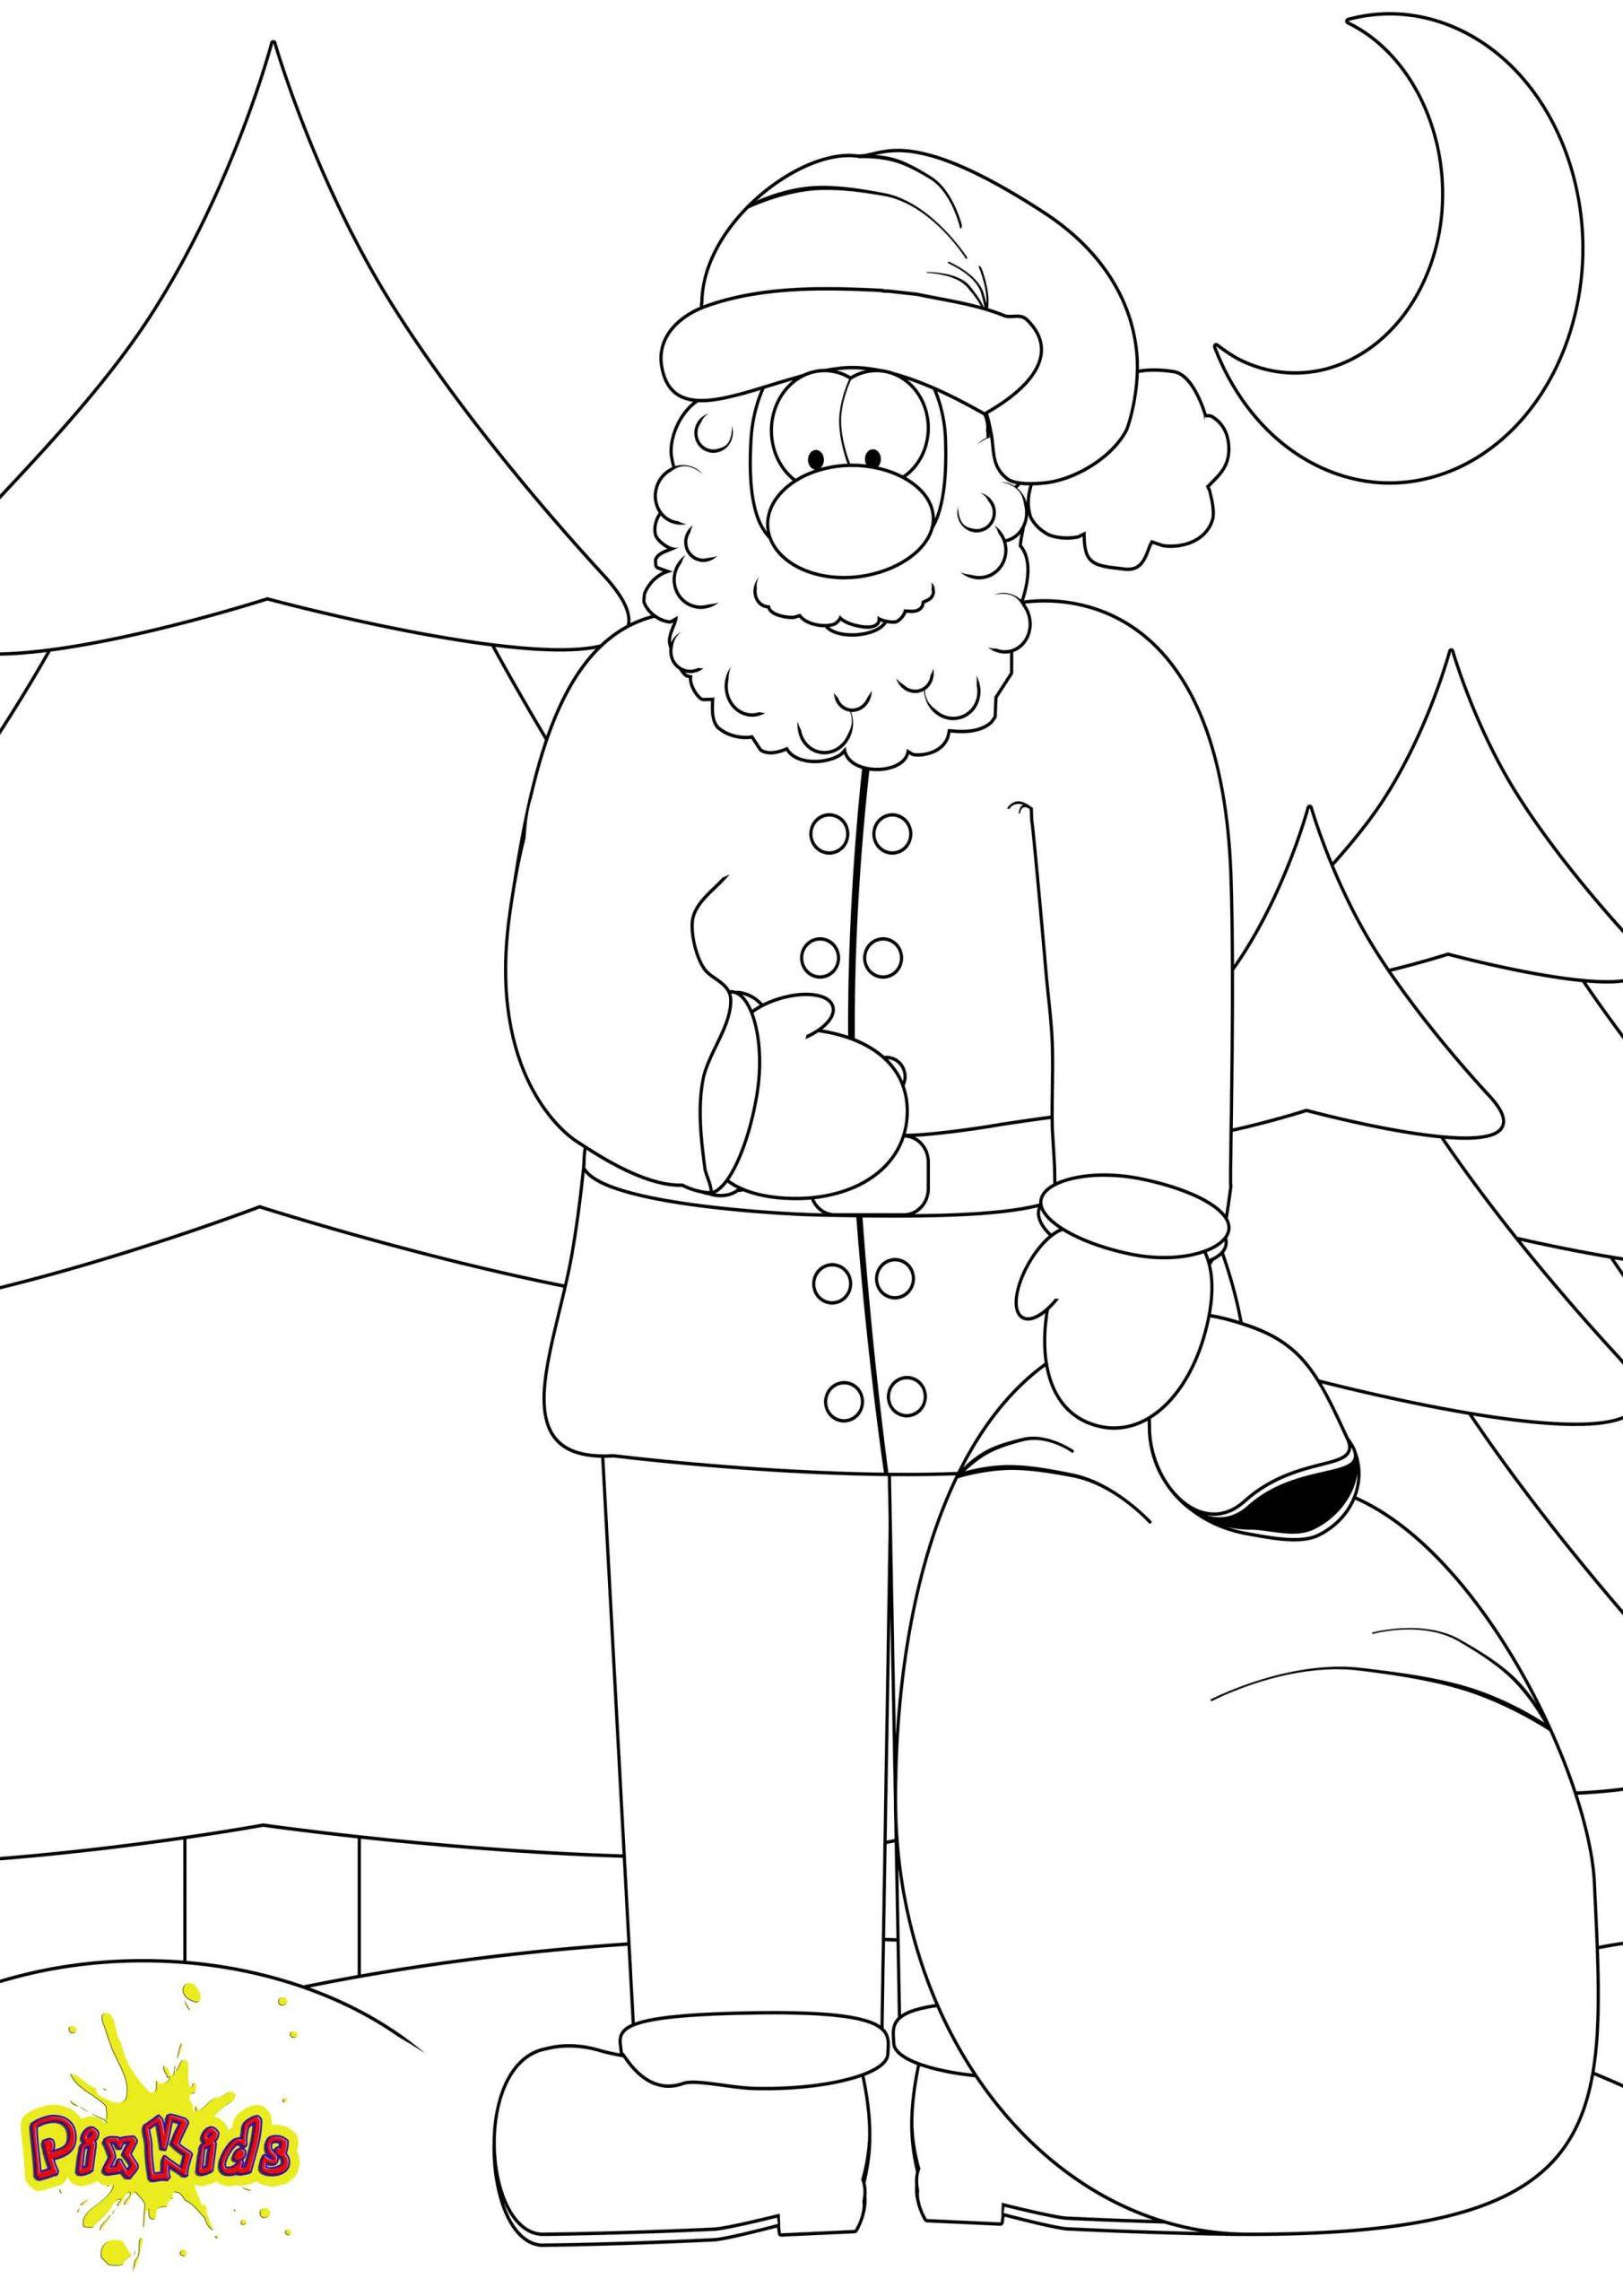 Weihnachten Archive - Ausmalbilder Adventskalender mit Ausmalbilder Zu Weihnachten